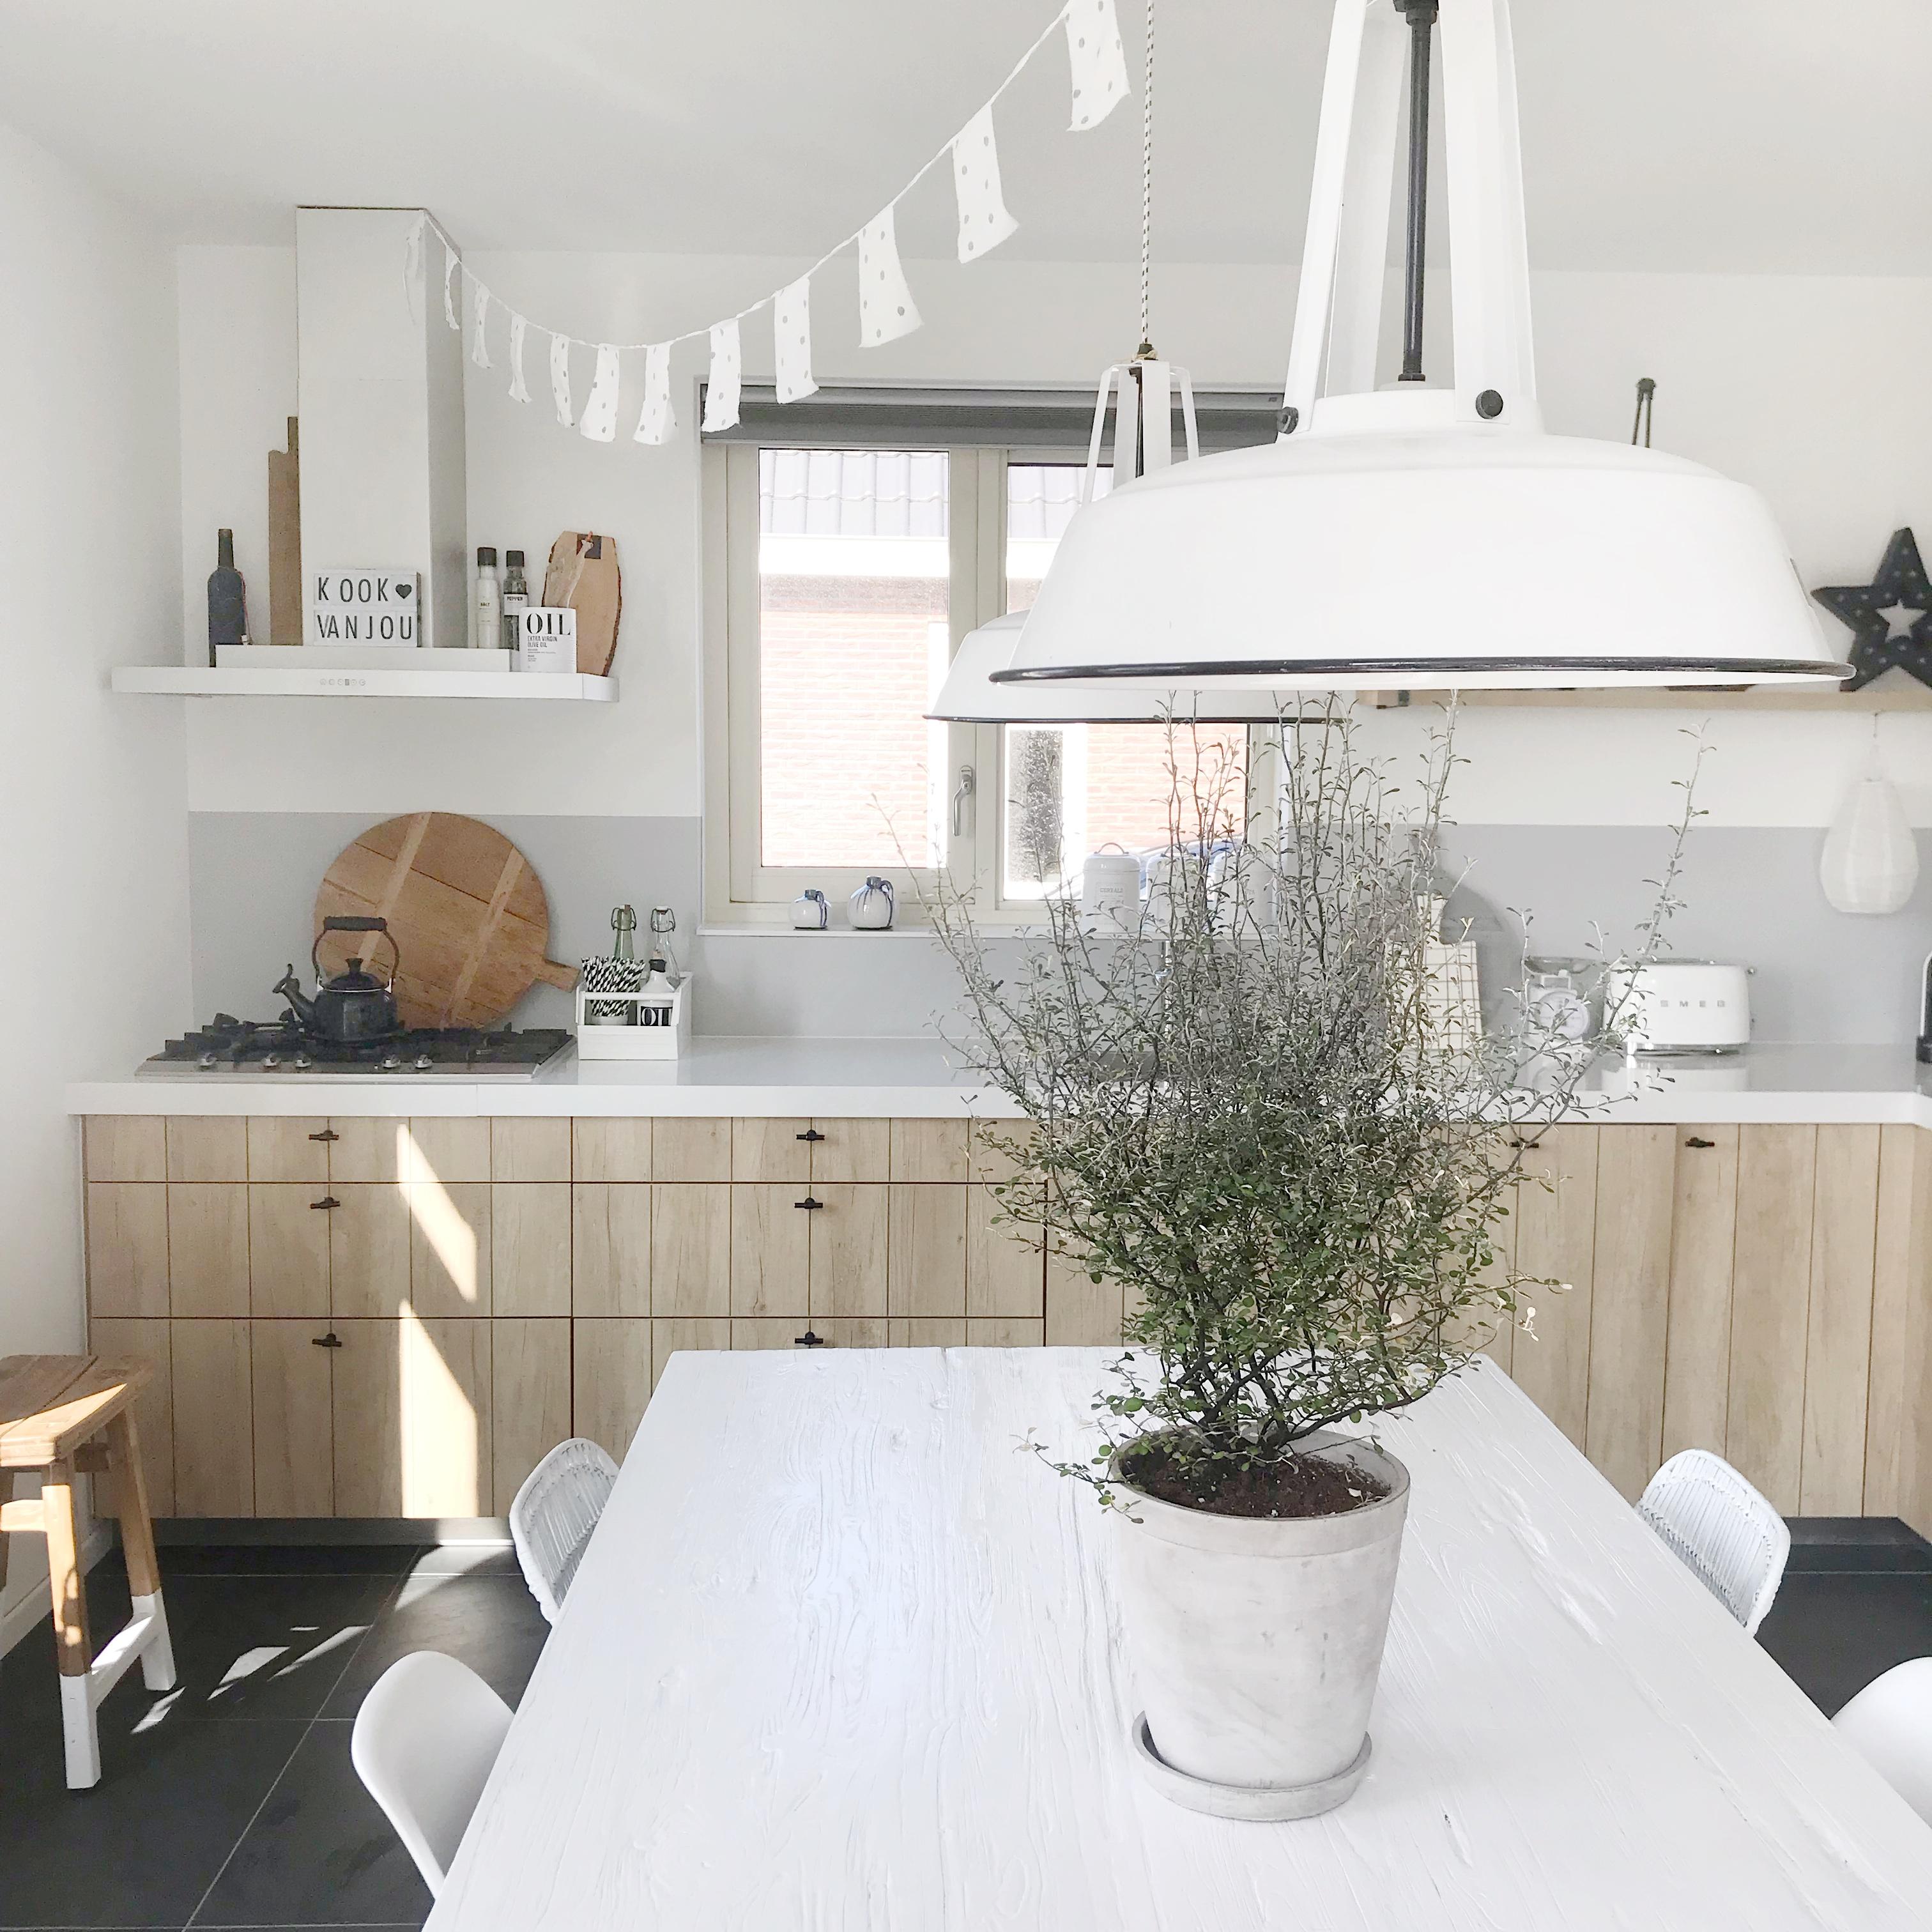 keuken Villa Jip